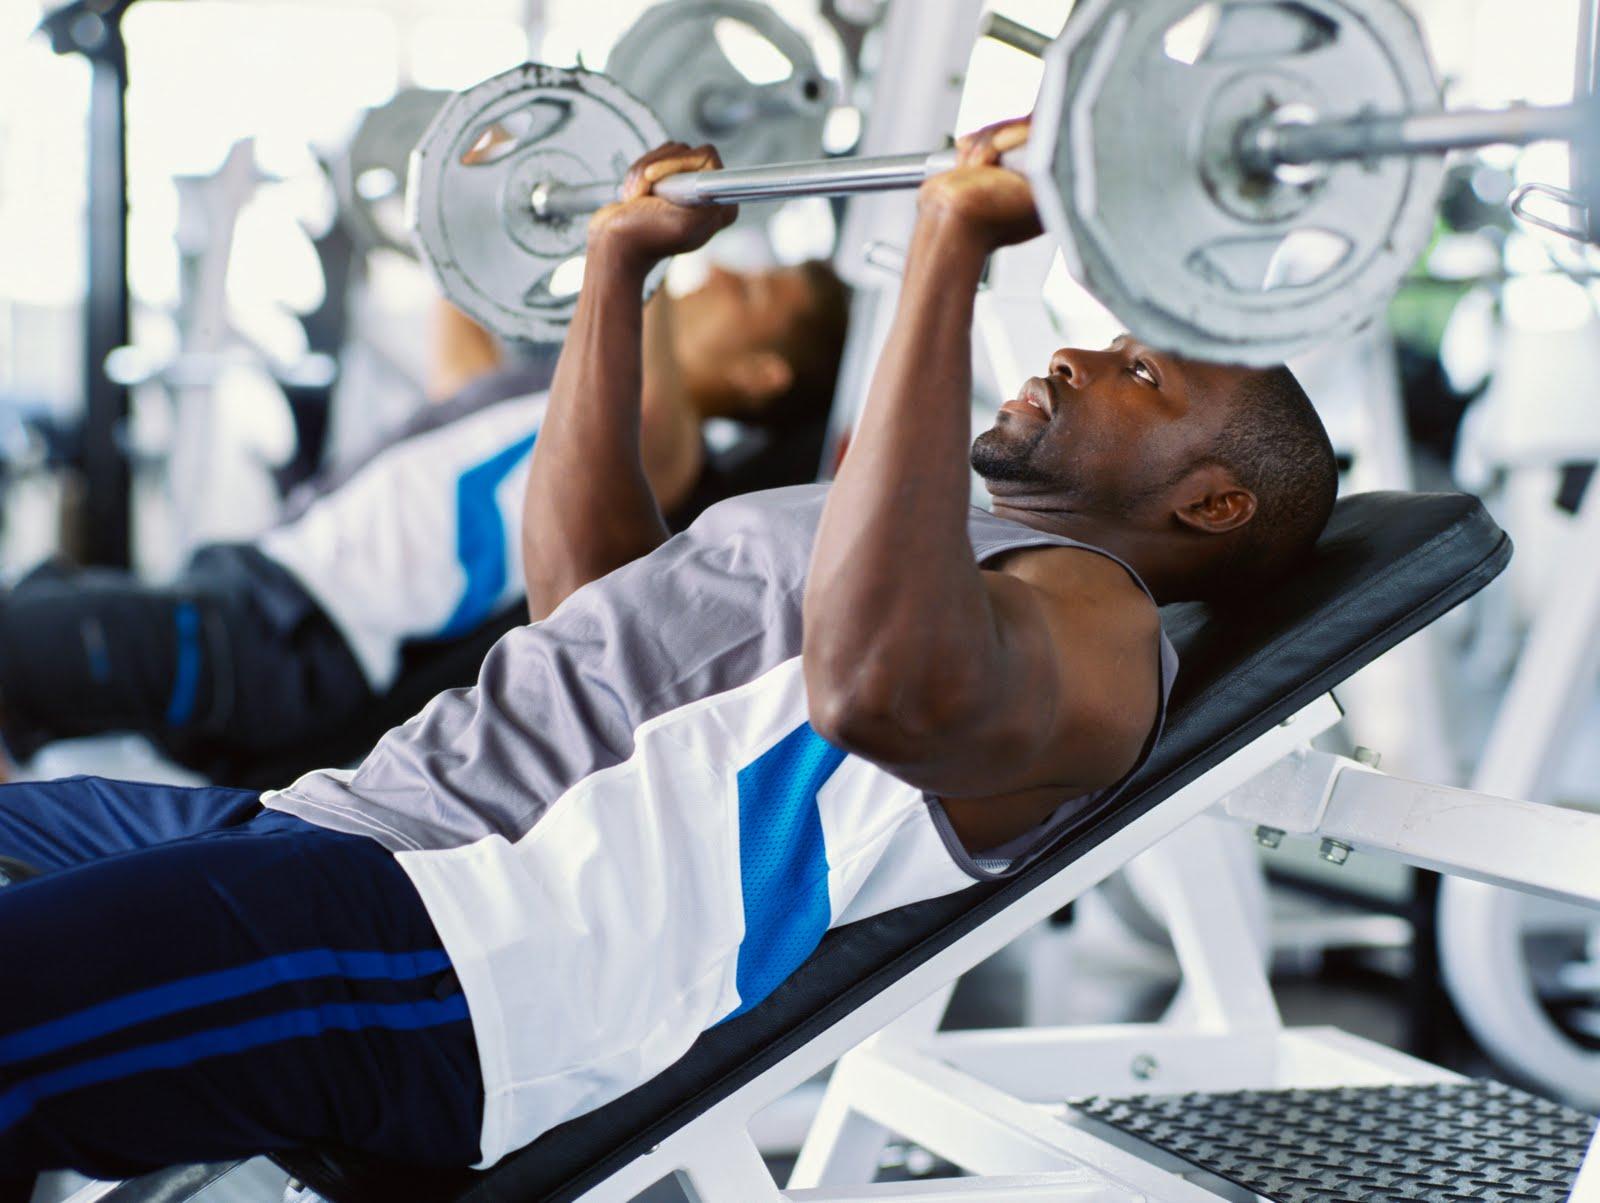 guy lifting.jpg